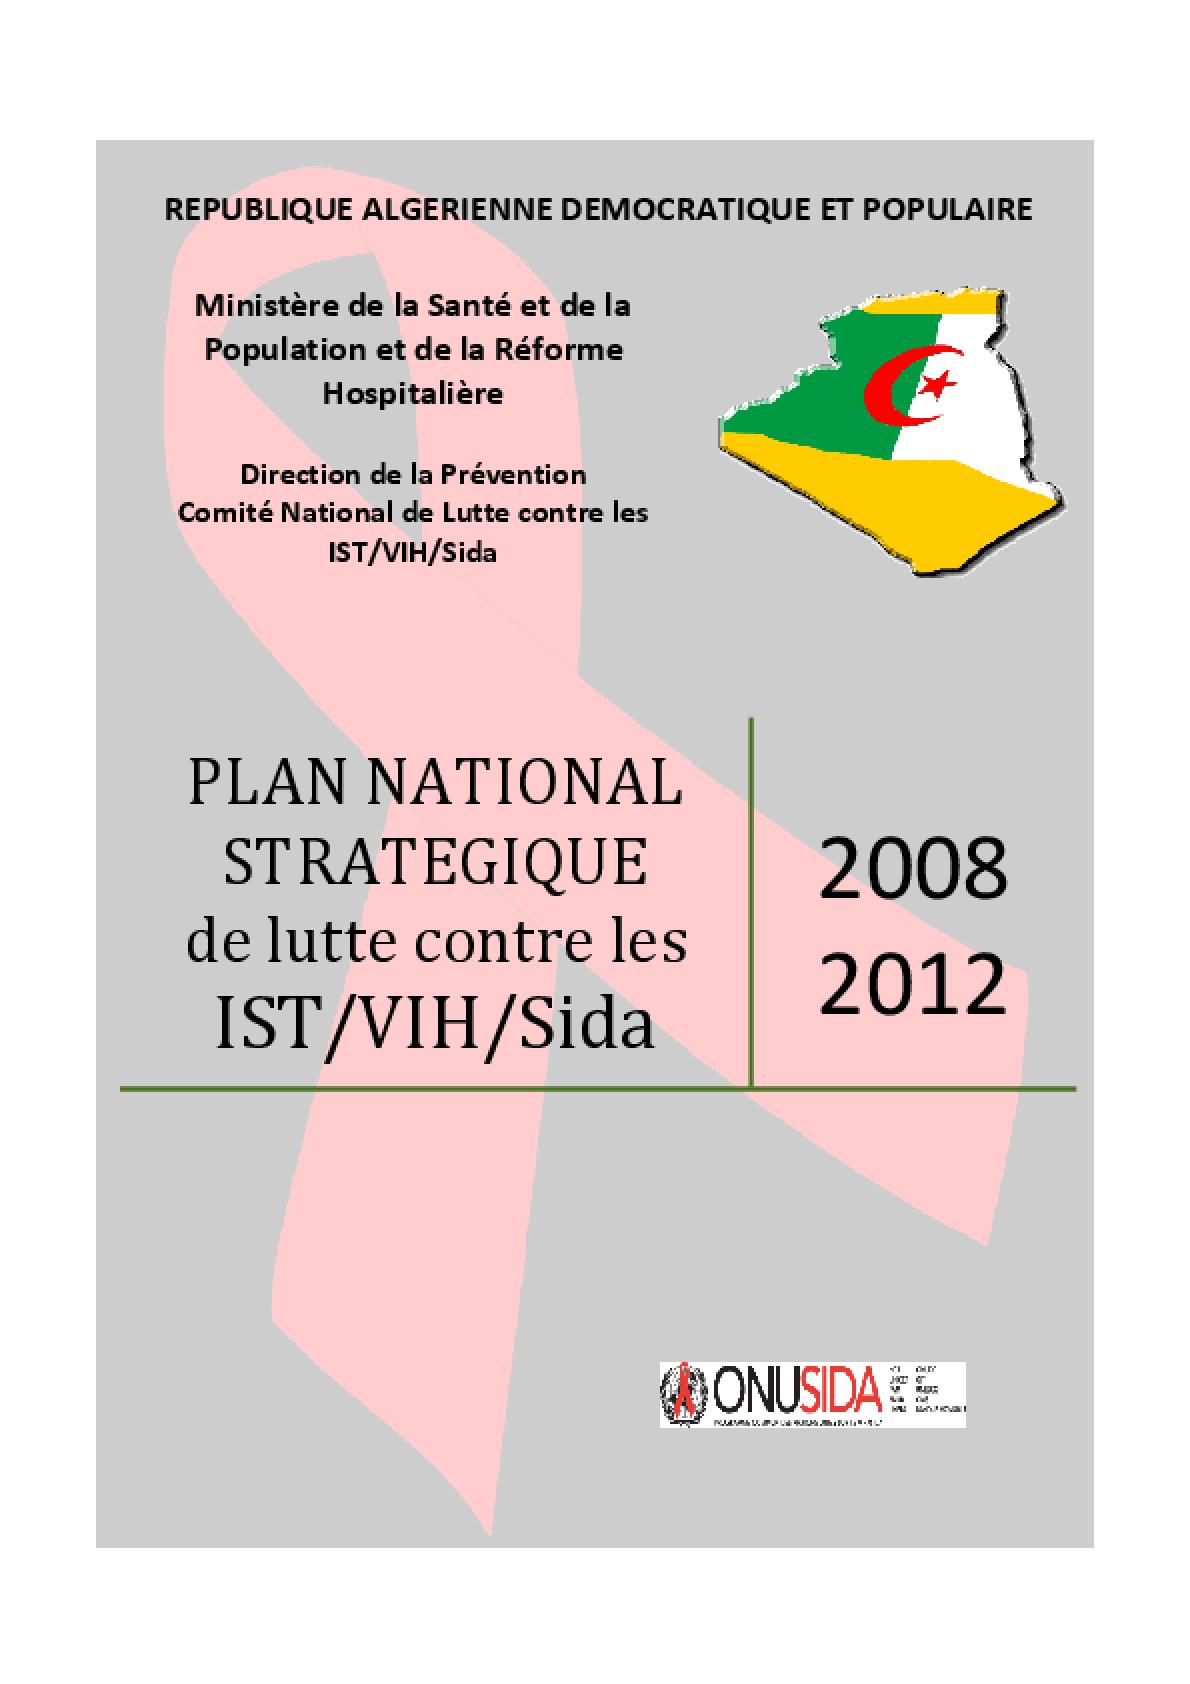 Plan Stratégique National de Lutte Contre Les IST/VIH/SIDA 2008-2012